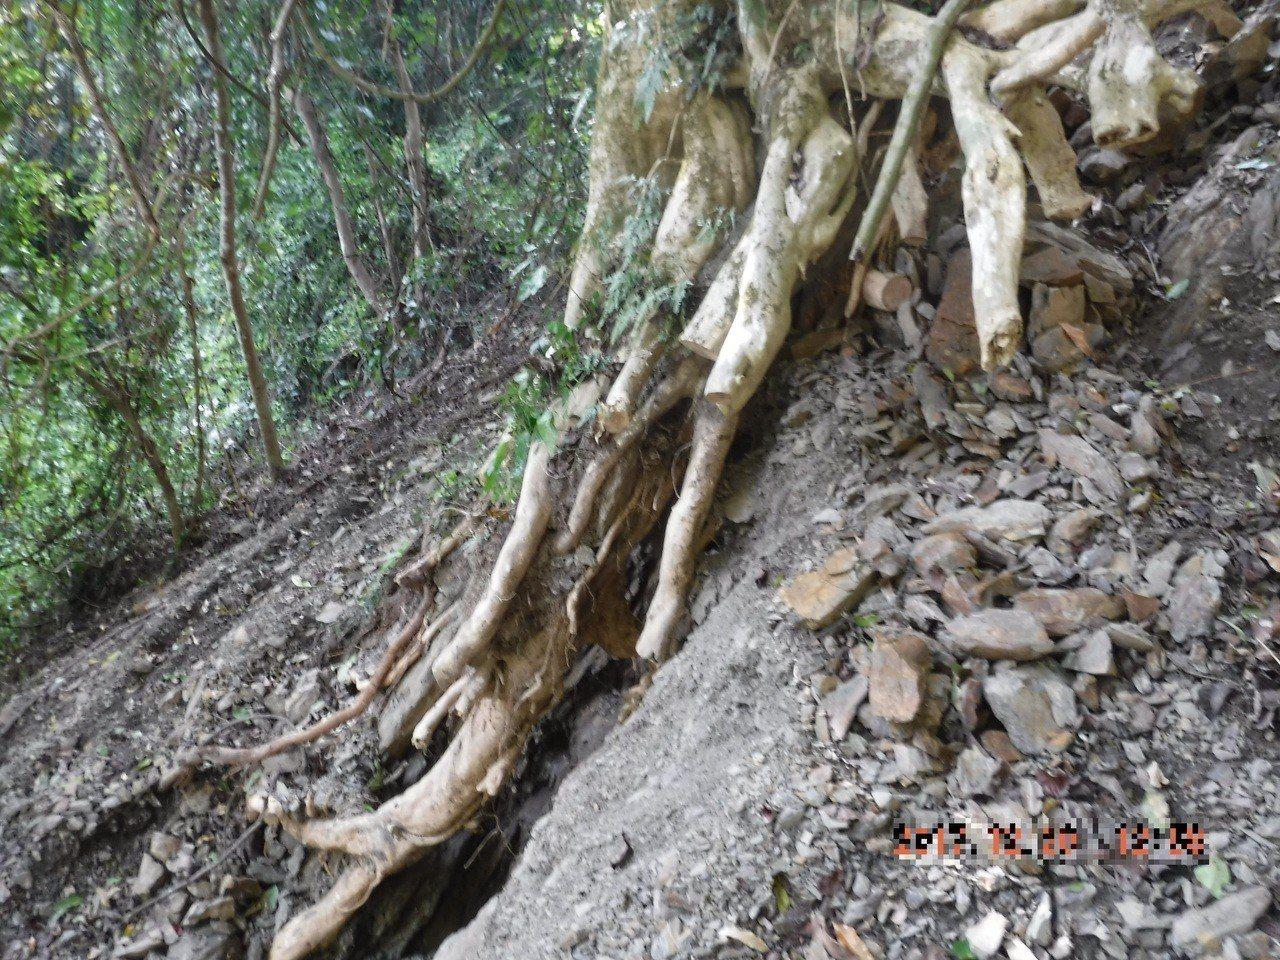 林、詹兩嫌為竊取破壞盤結在石頭上的樹根,挖出龜甲石23顆,總重約17.43公斤。...